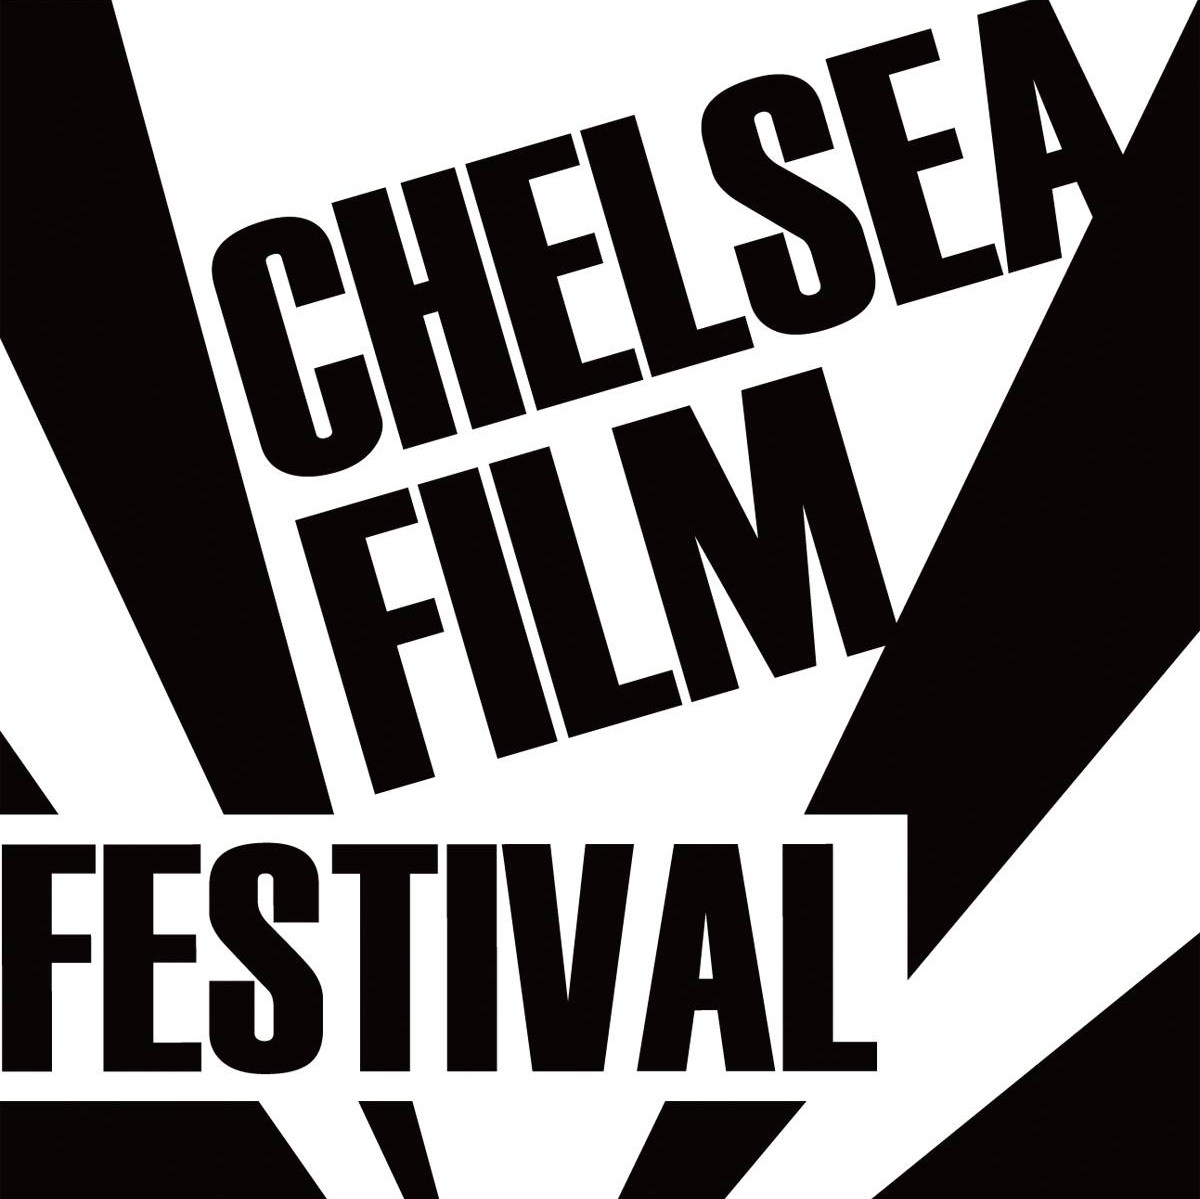 Chelsea Film Festival, Inc.